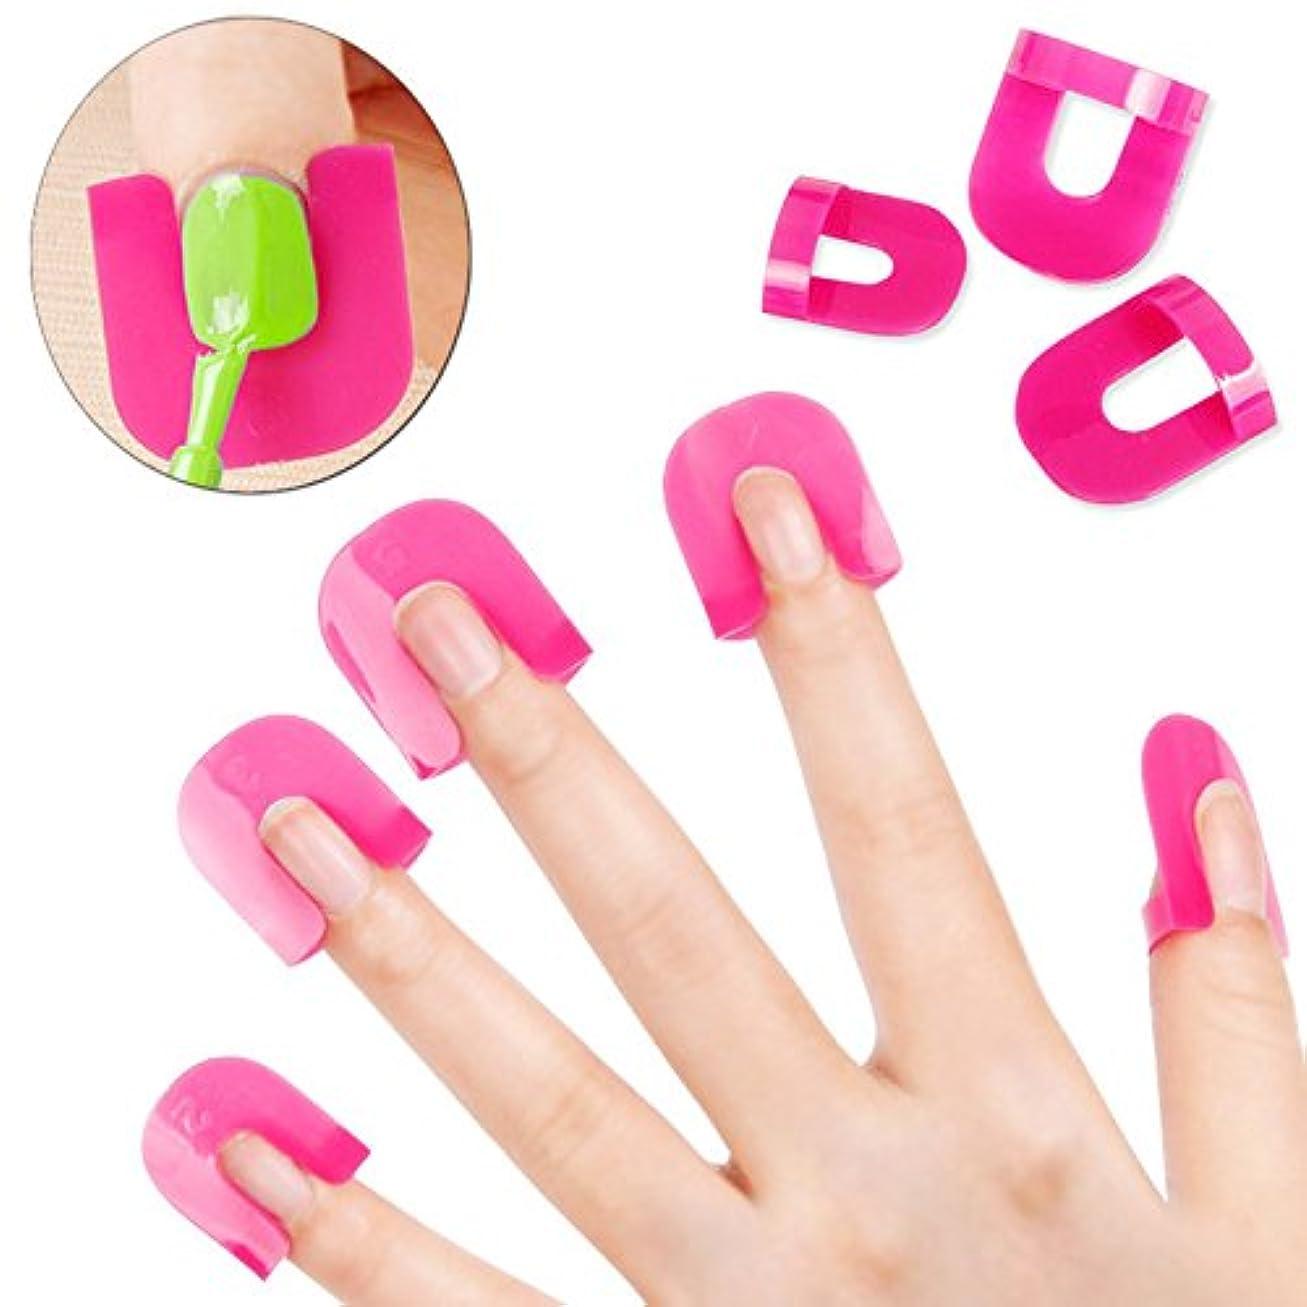 学生後センターNew 26PCS Professional French Nail Art Manicure Stickers Tips Finger Cover Polish Shield Protector Plastic Case...